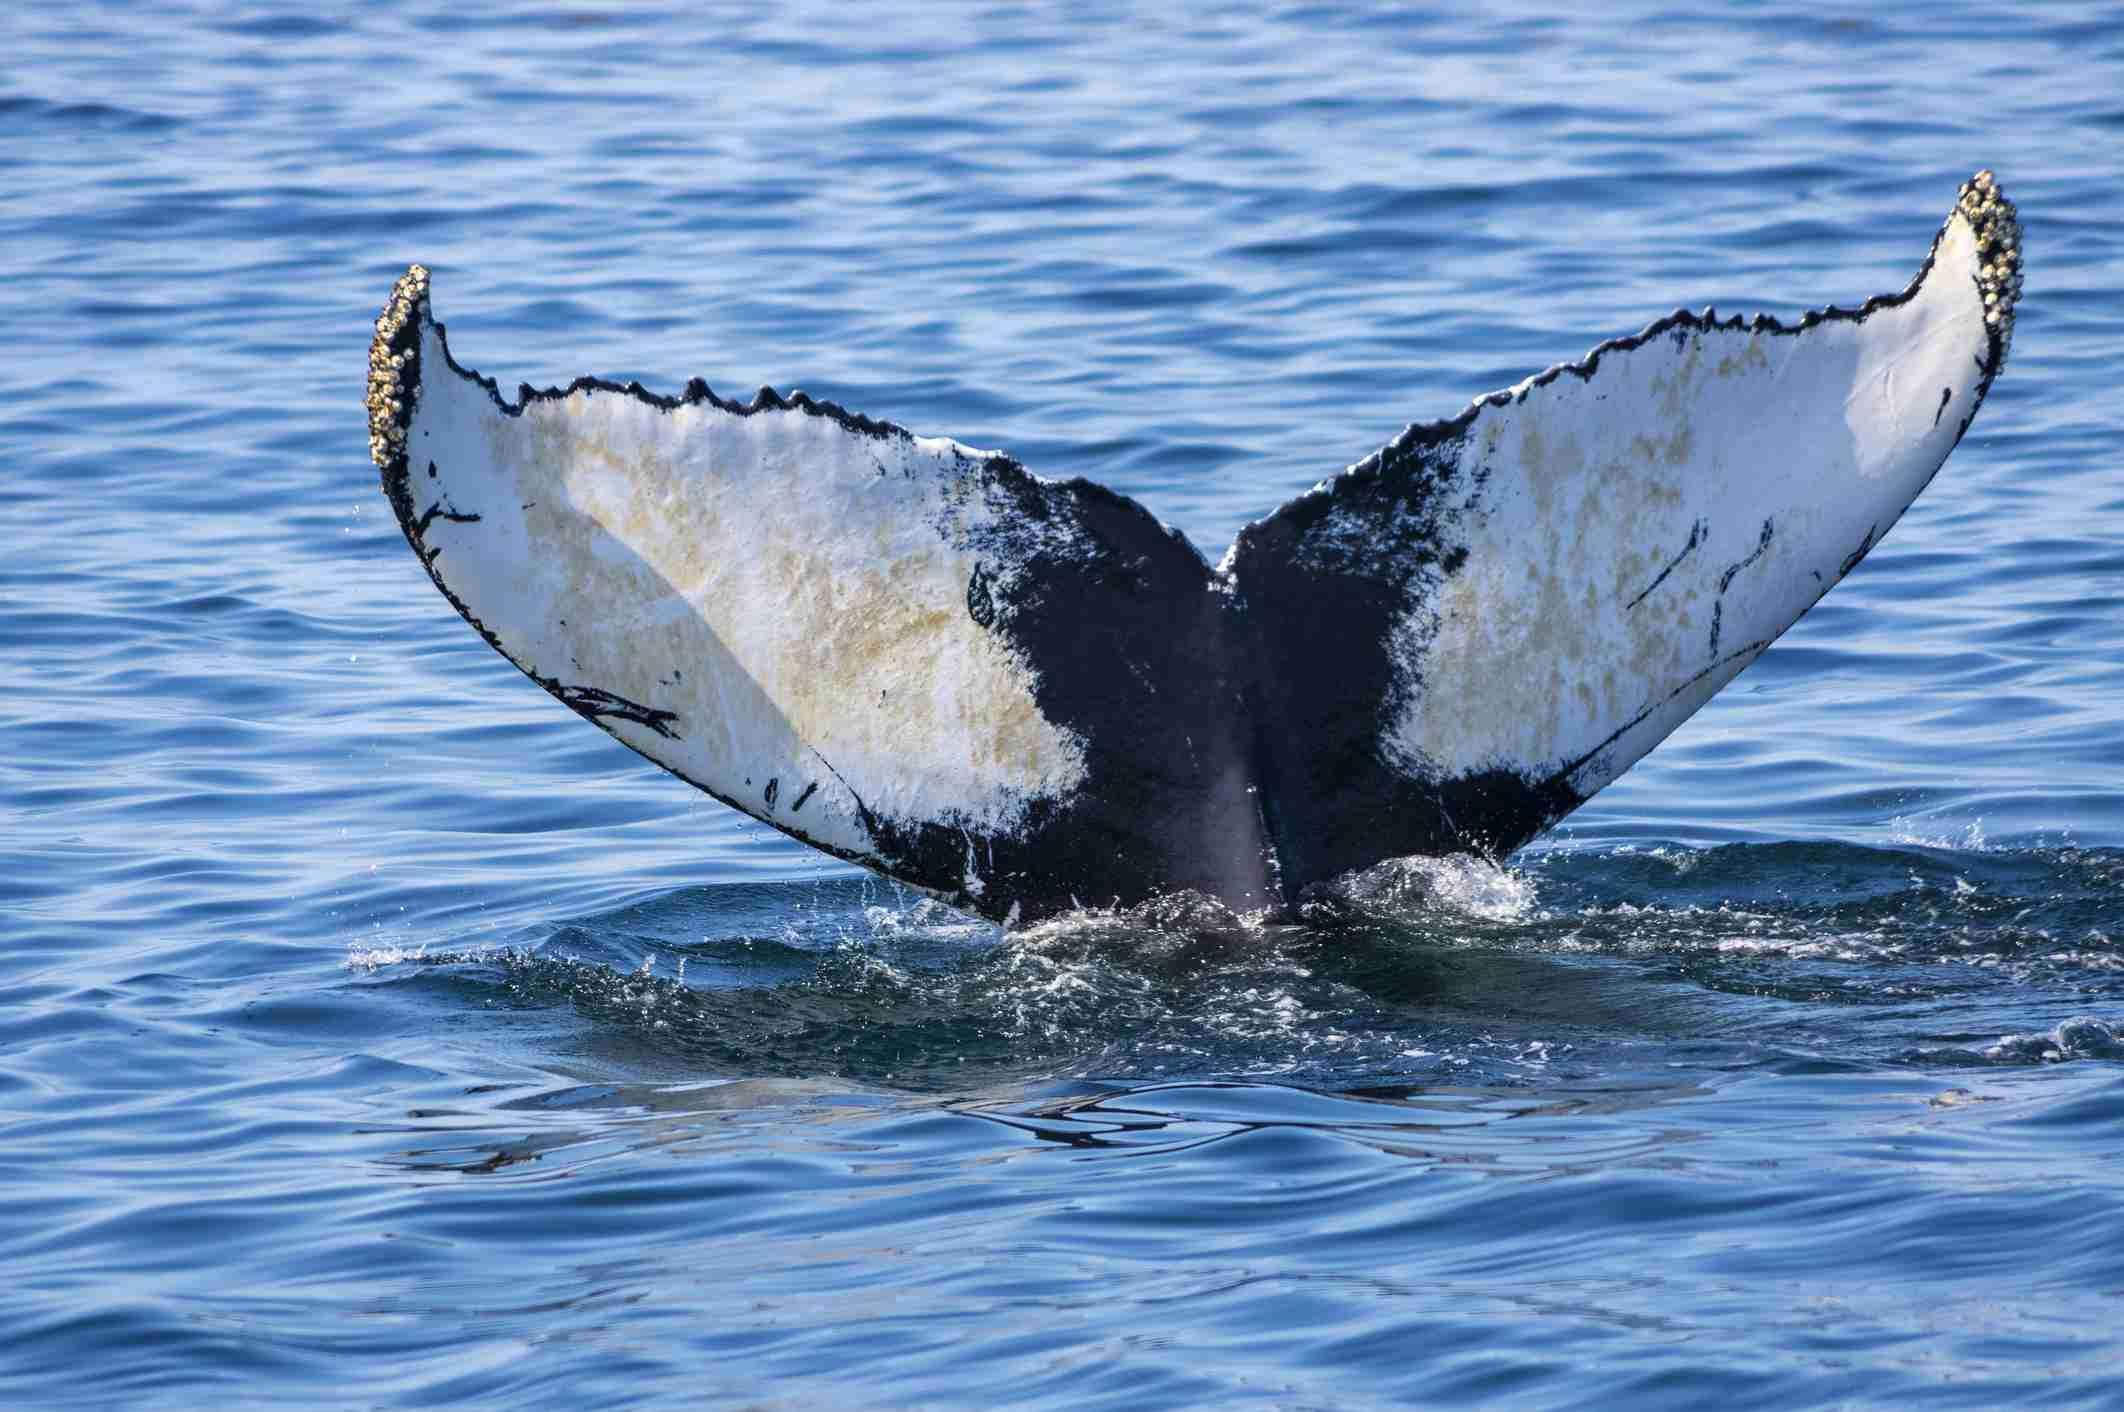 Whale tail, Acadia National Park, Bar Harbor